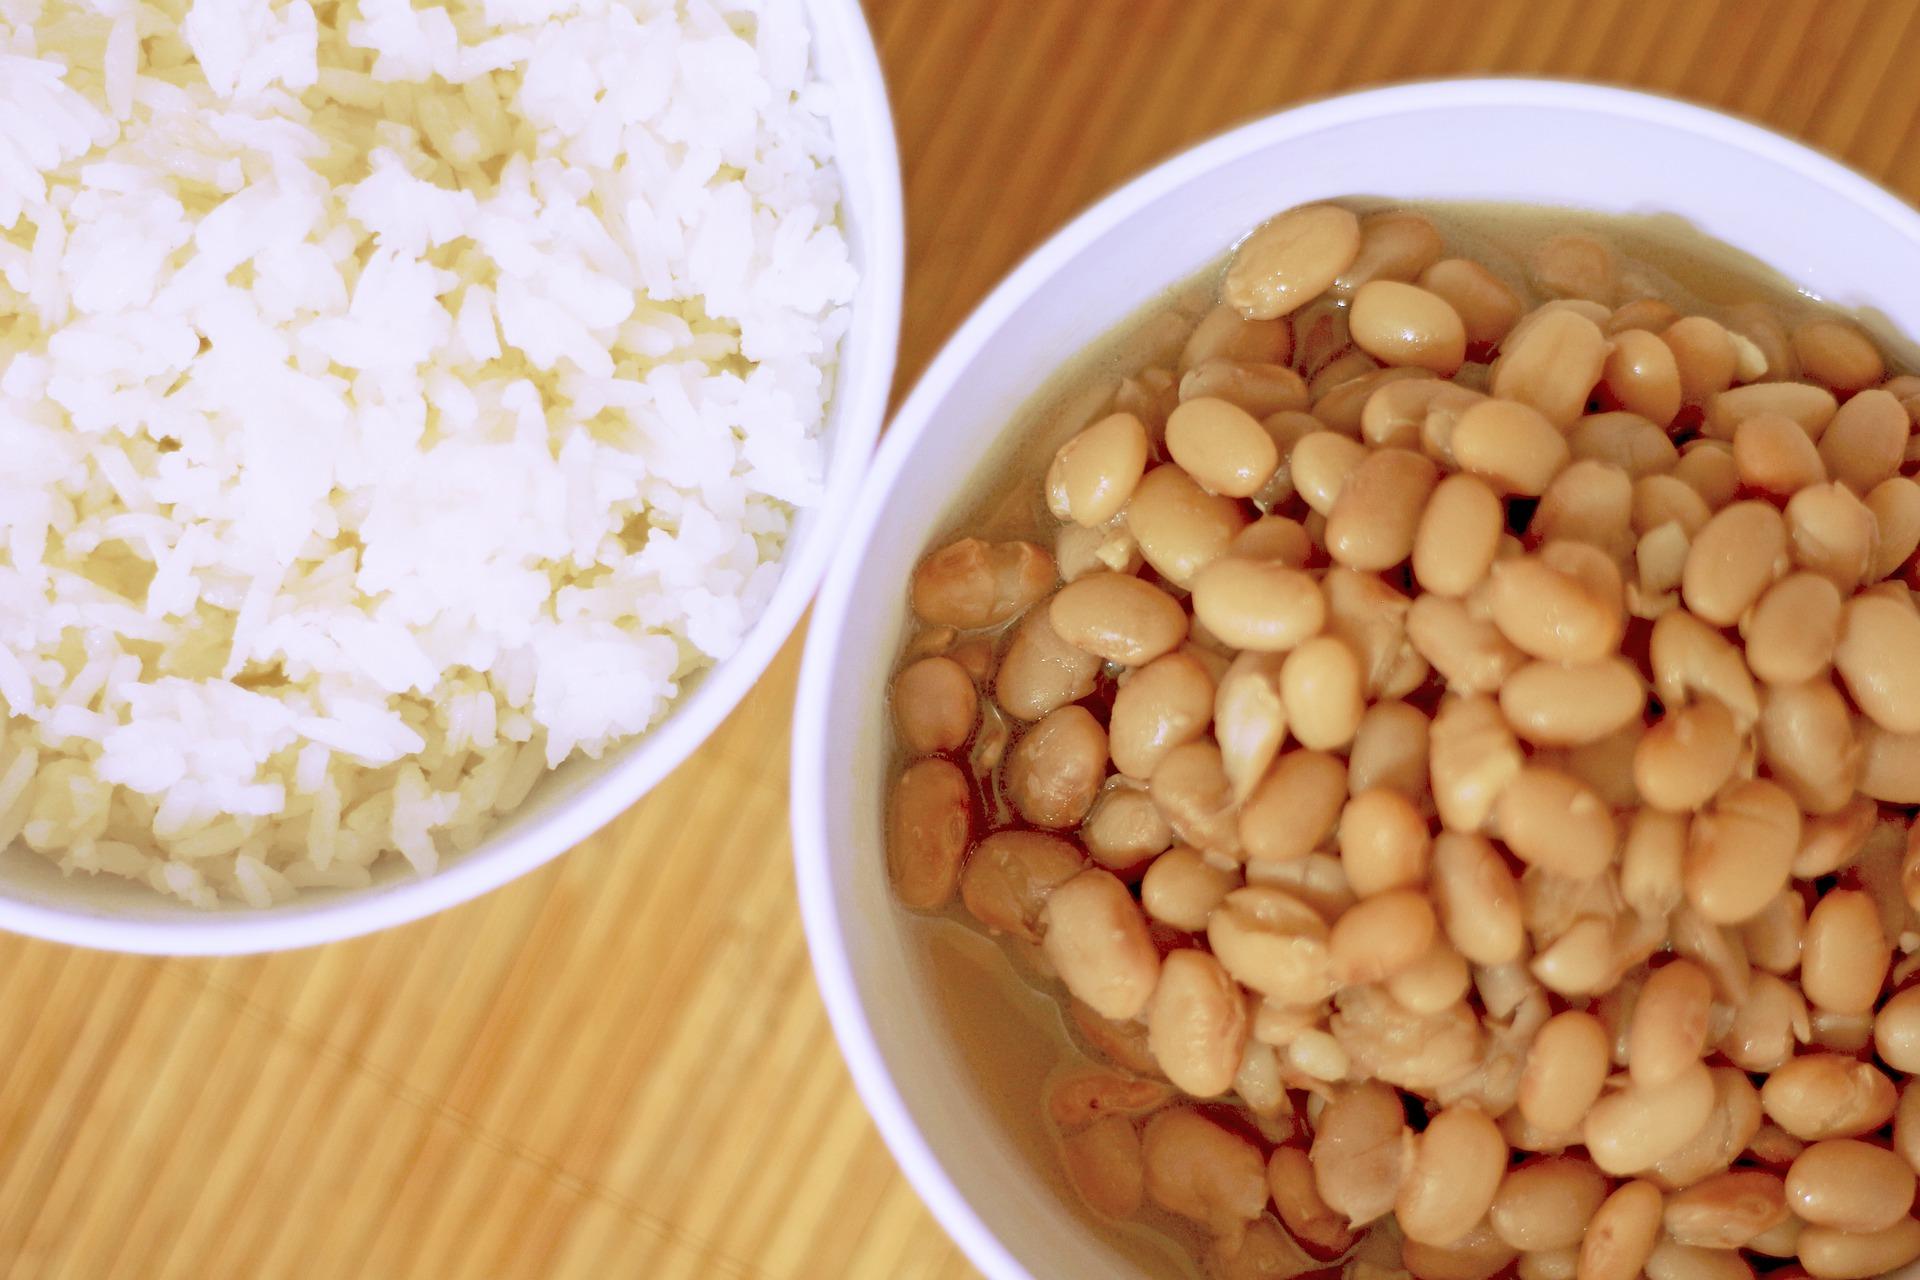 Imagem mostra uma cumbuca com arroz e uma com feijão lado a lado.